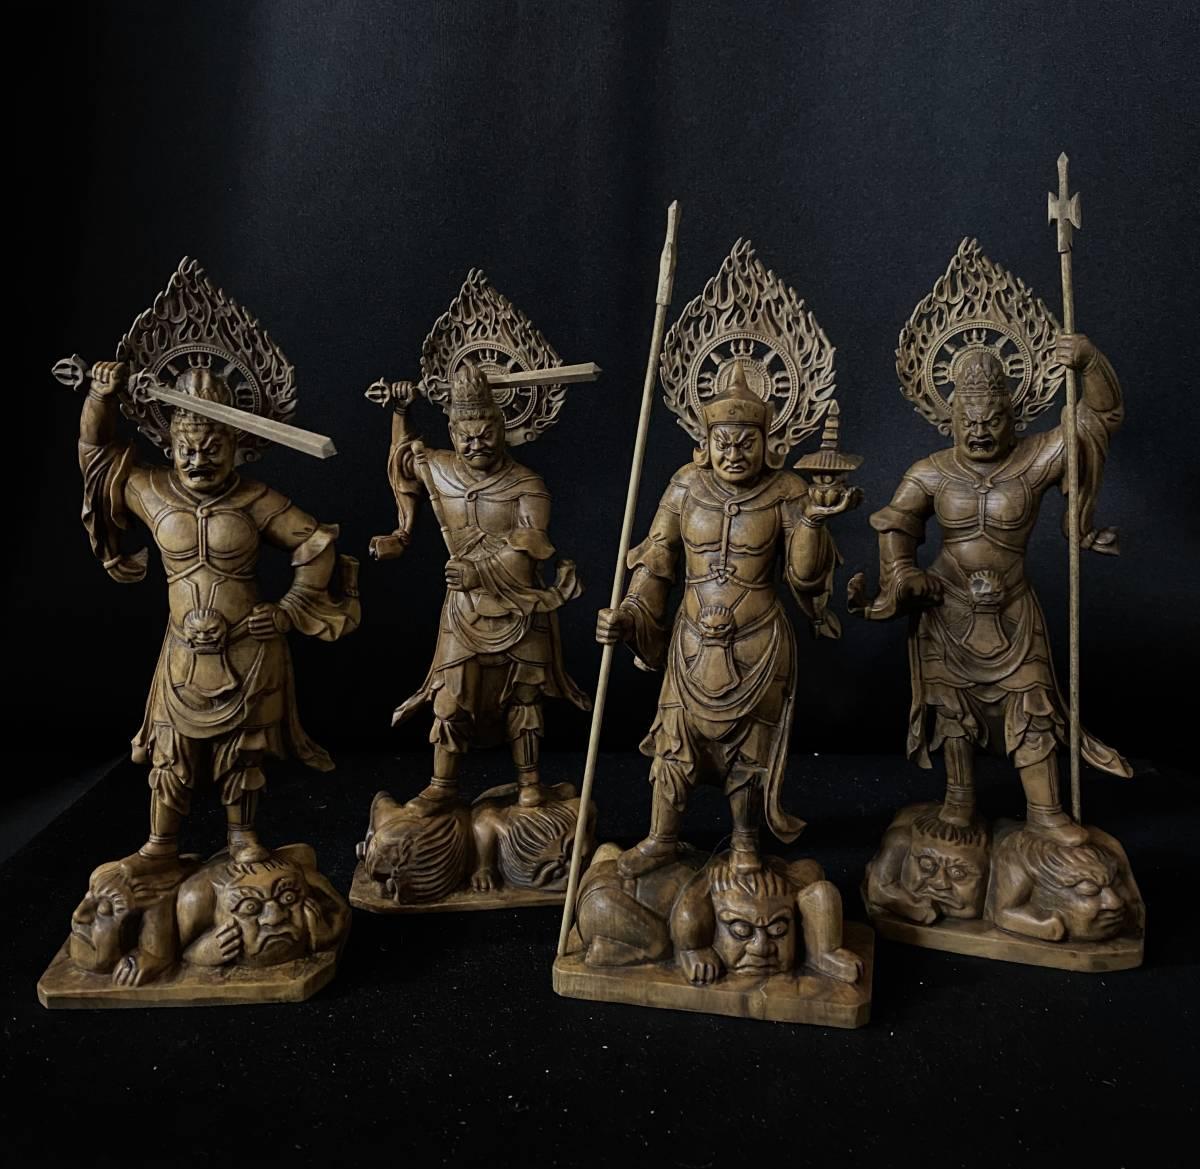 最新作 仏教工芸品 総柘植材 時代彫刻 古美術 木彫仏教 精密彫刻 仏師で仕上げ品 四天王像 一式